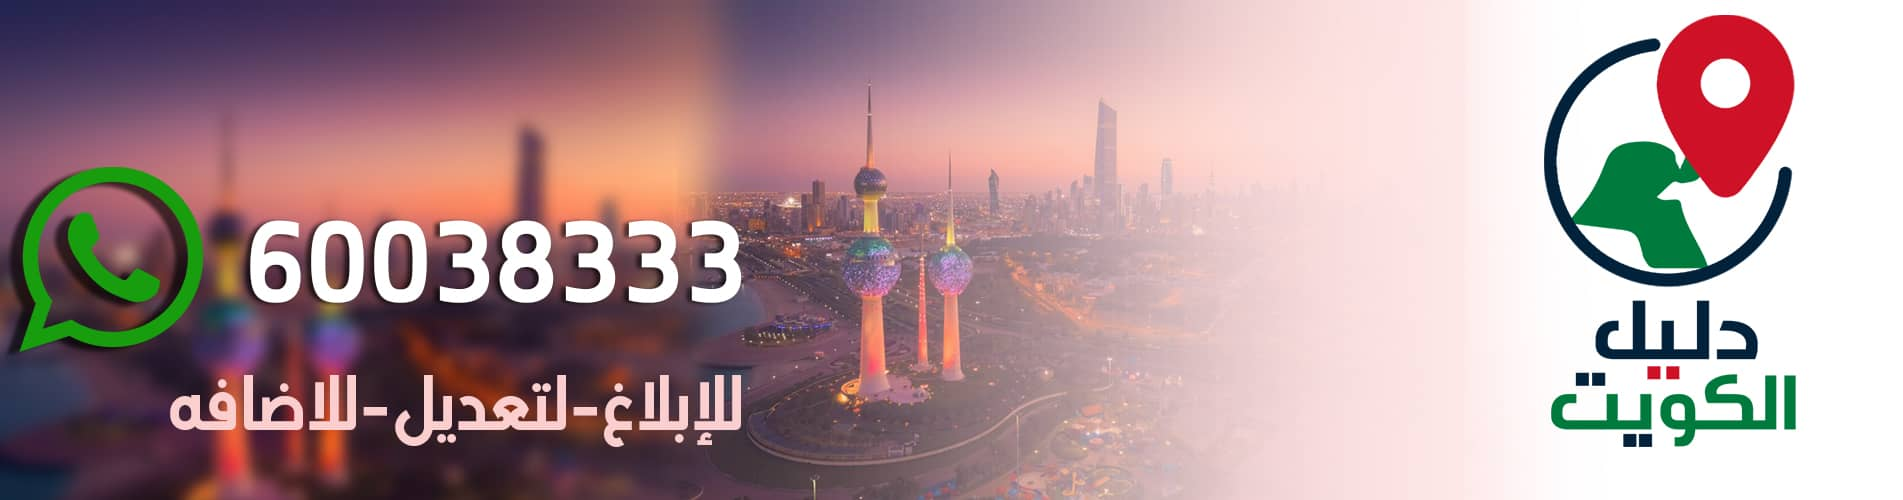 دليل الكويت